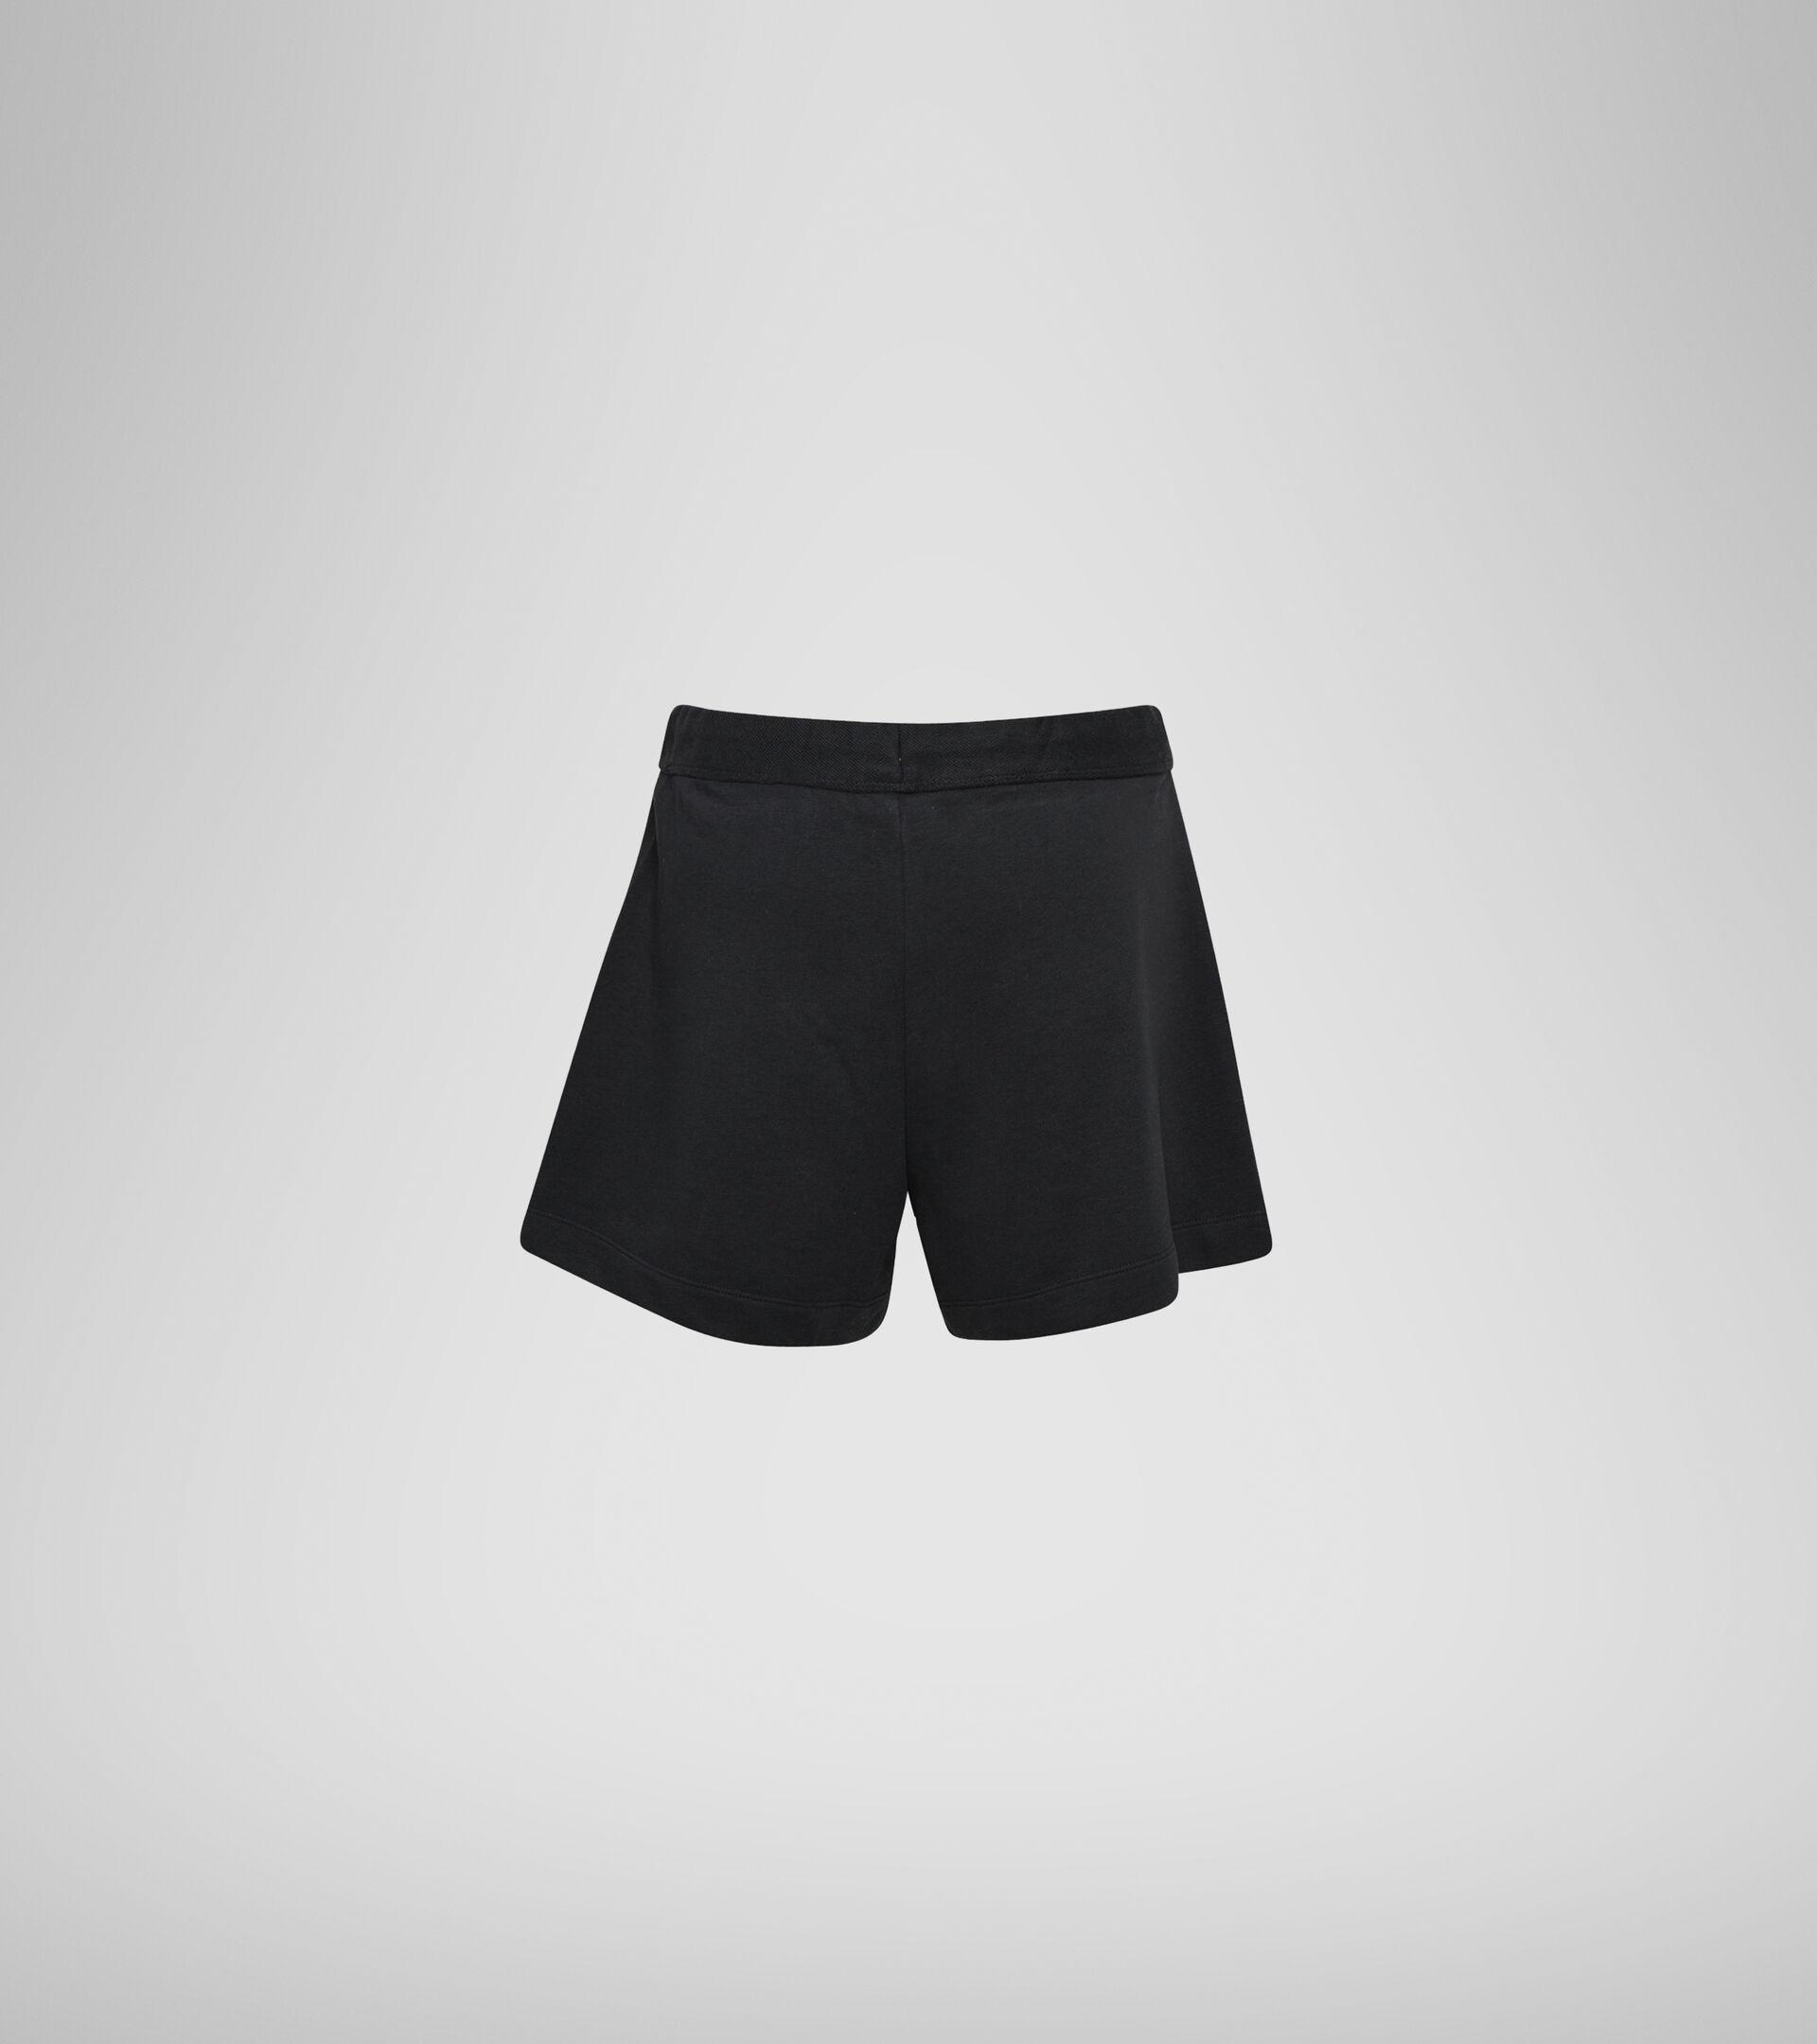 Shorts - Donna L.SHORT NERO - Diadora